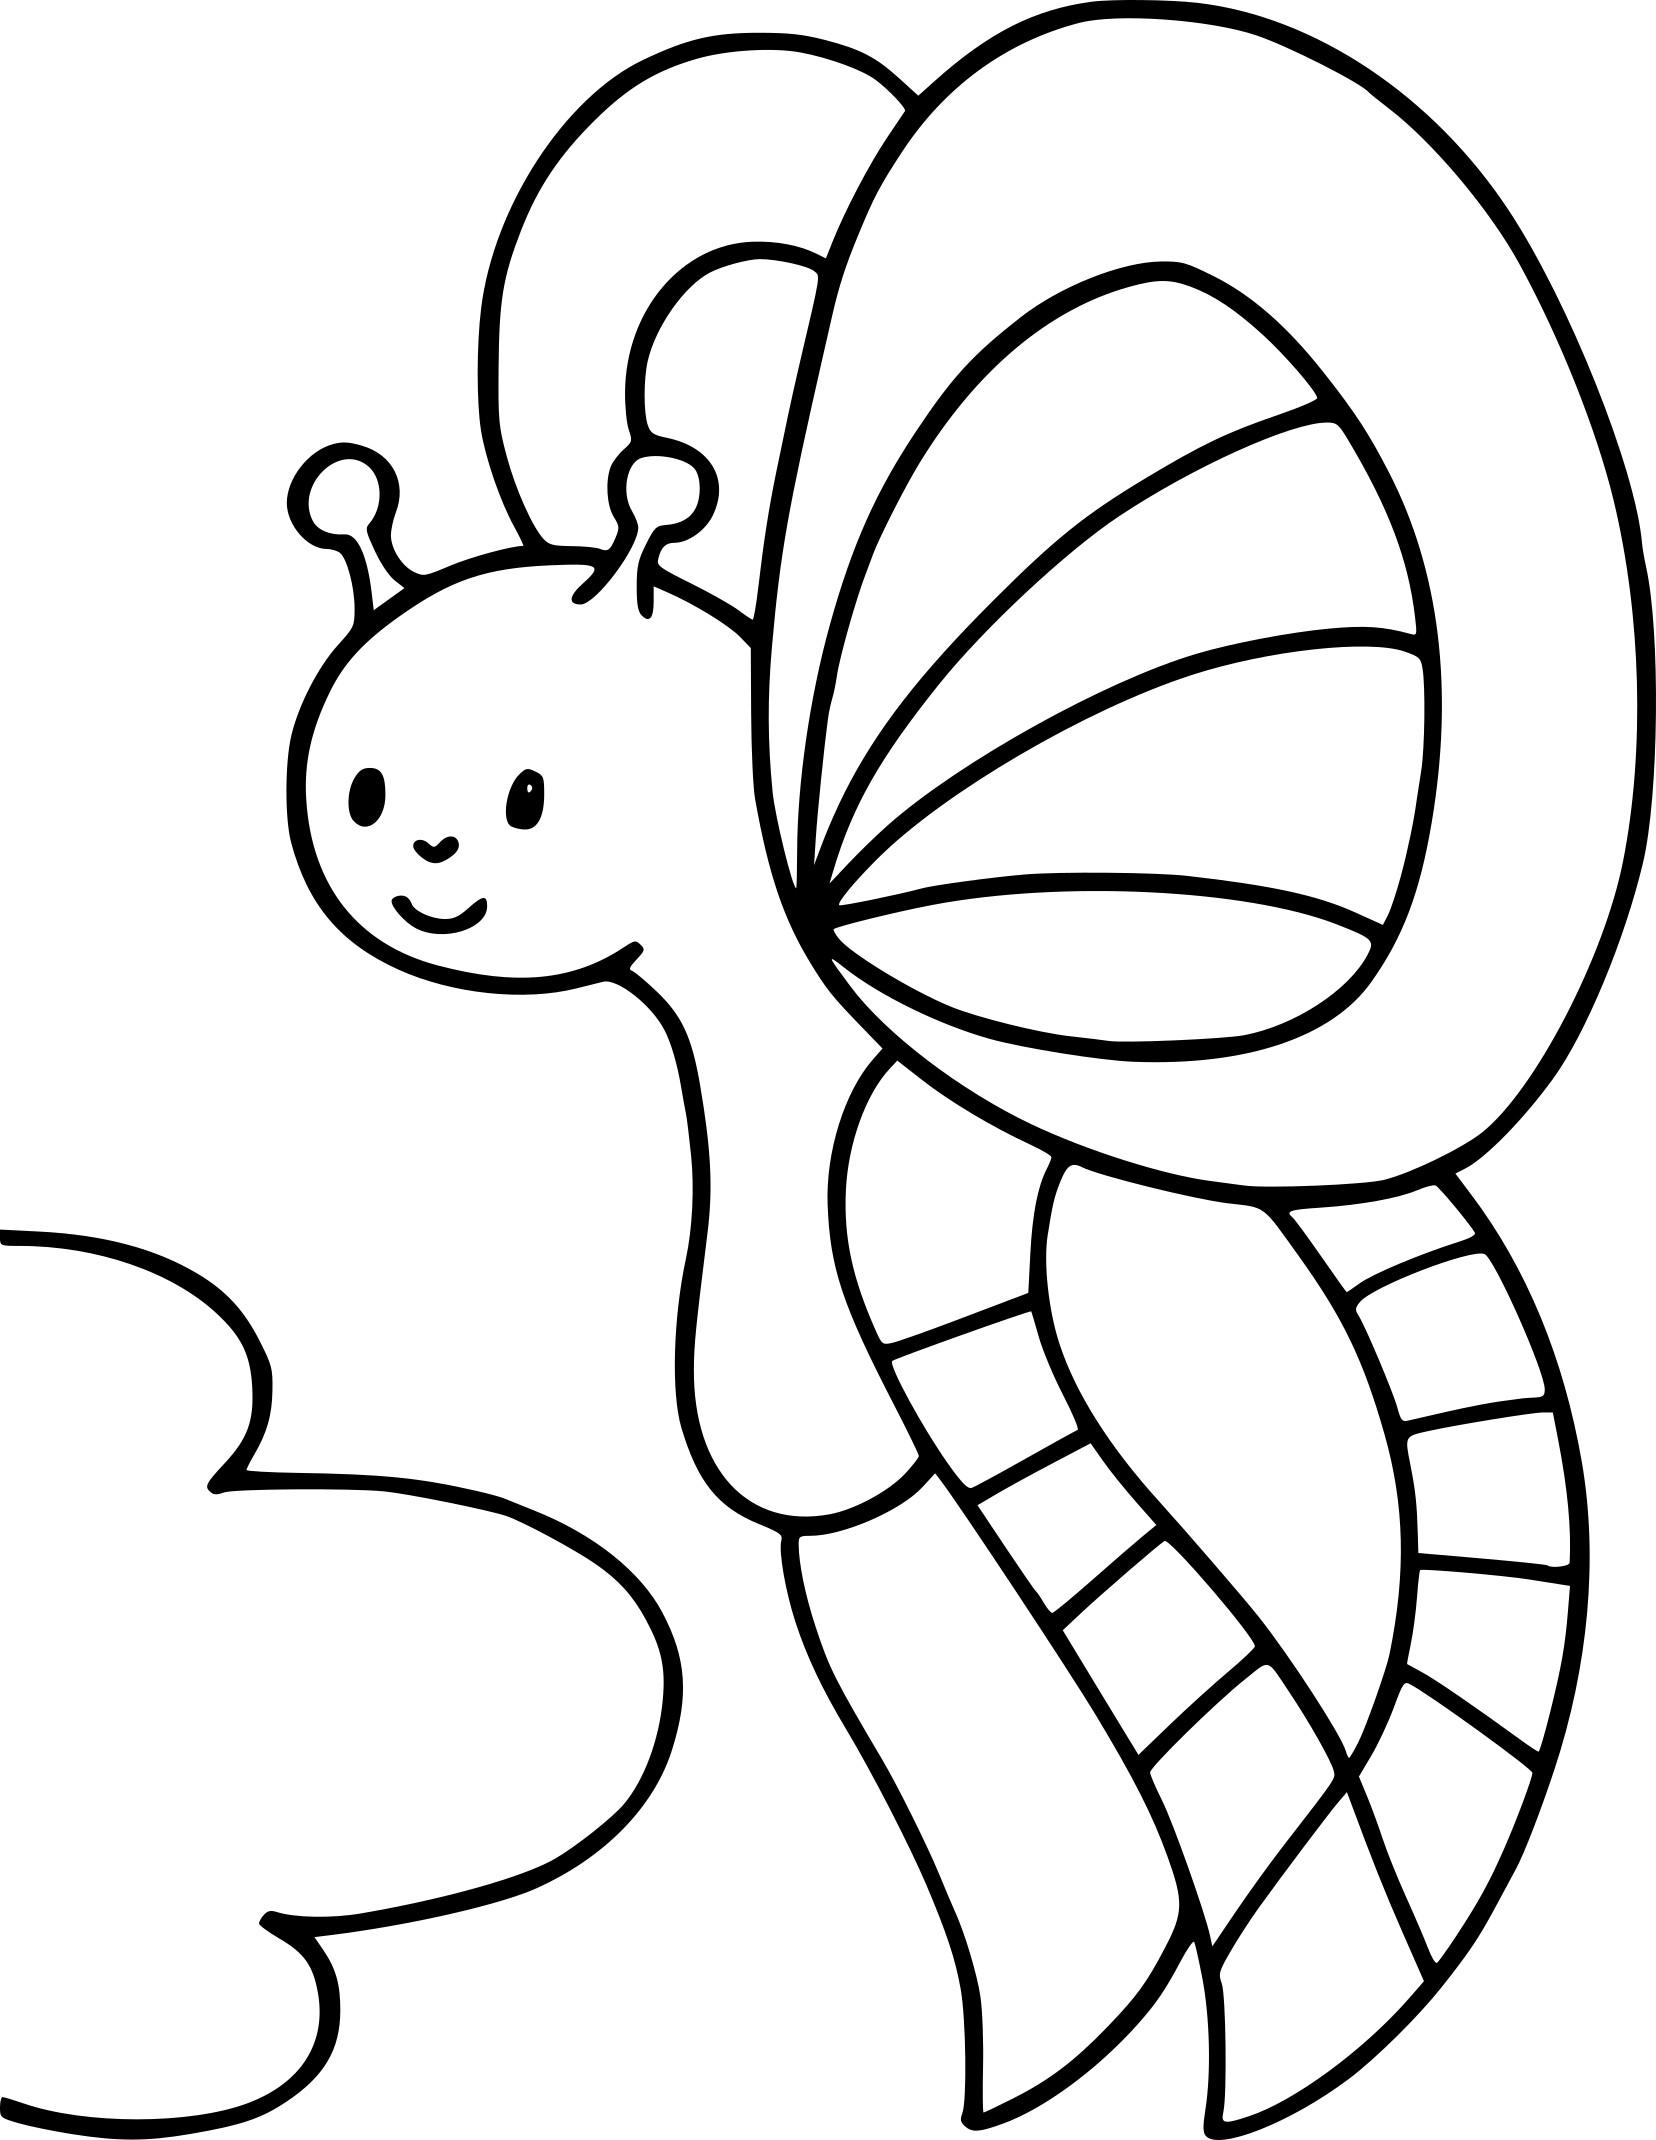 Coloriage papillon maternelle à imprimer